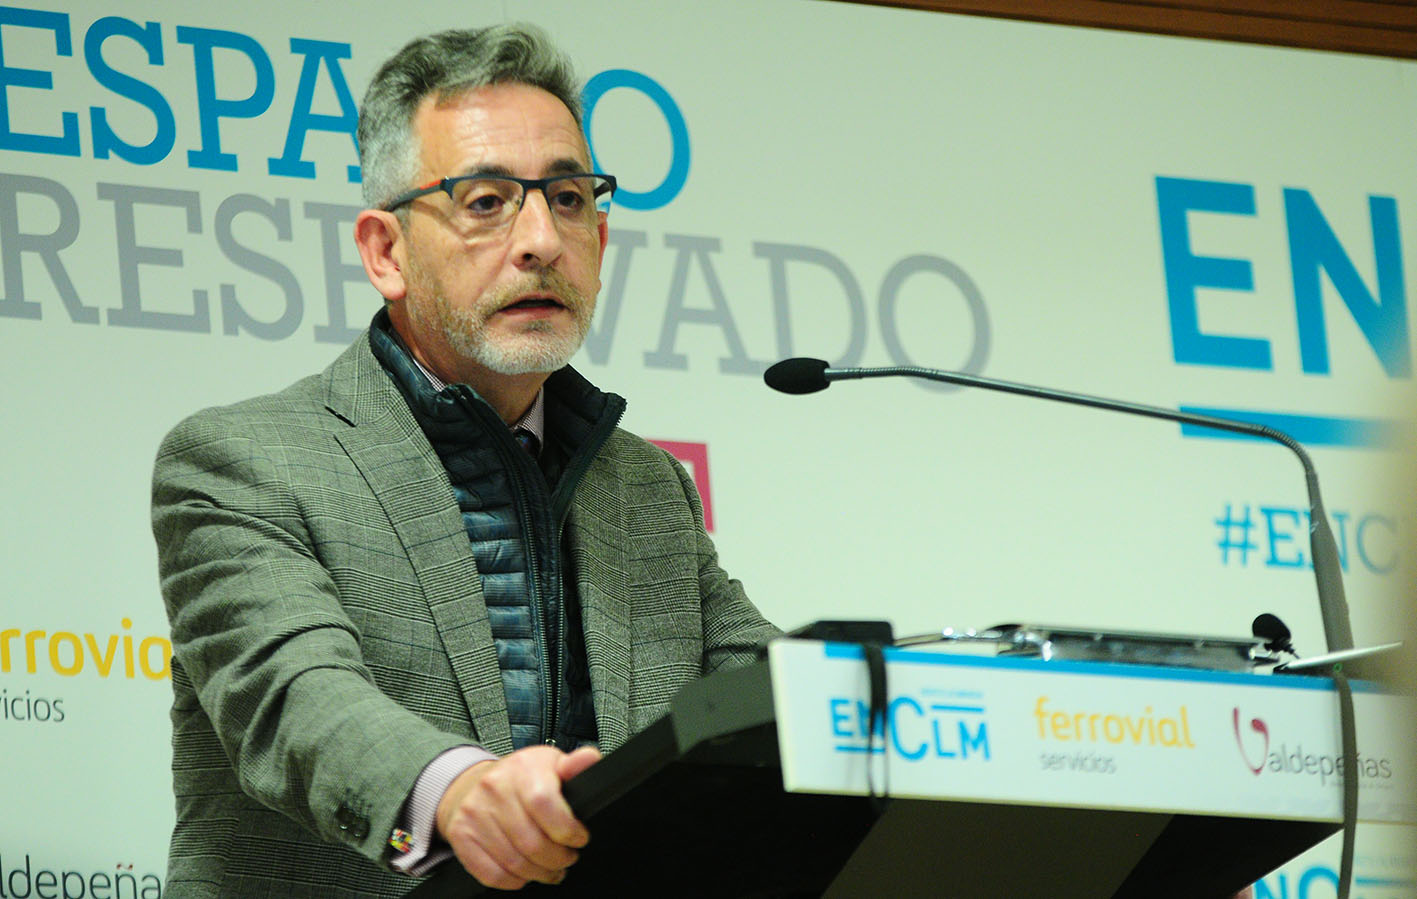 El alcalde de Valdepeñas, Jesús Martín, en Espacio Reservado de ENCLM.